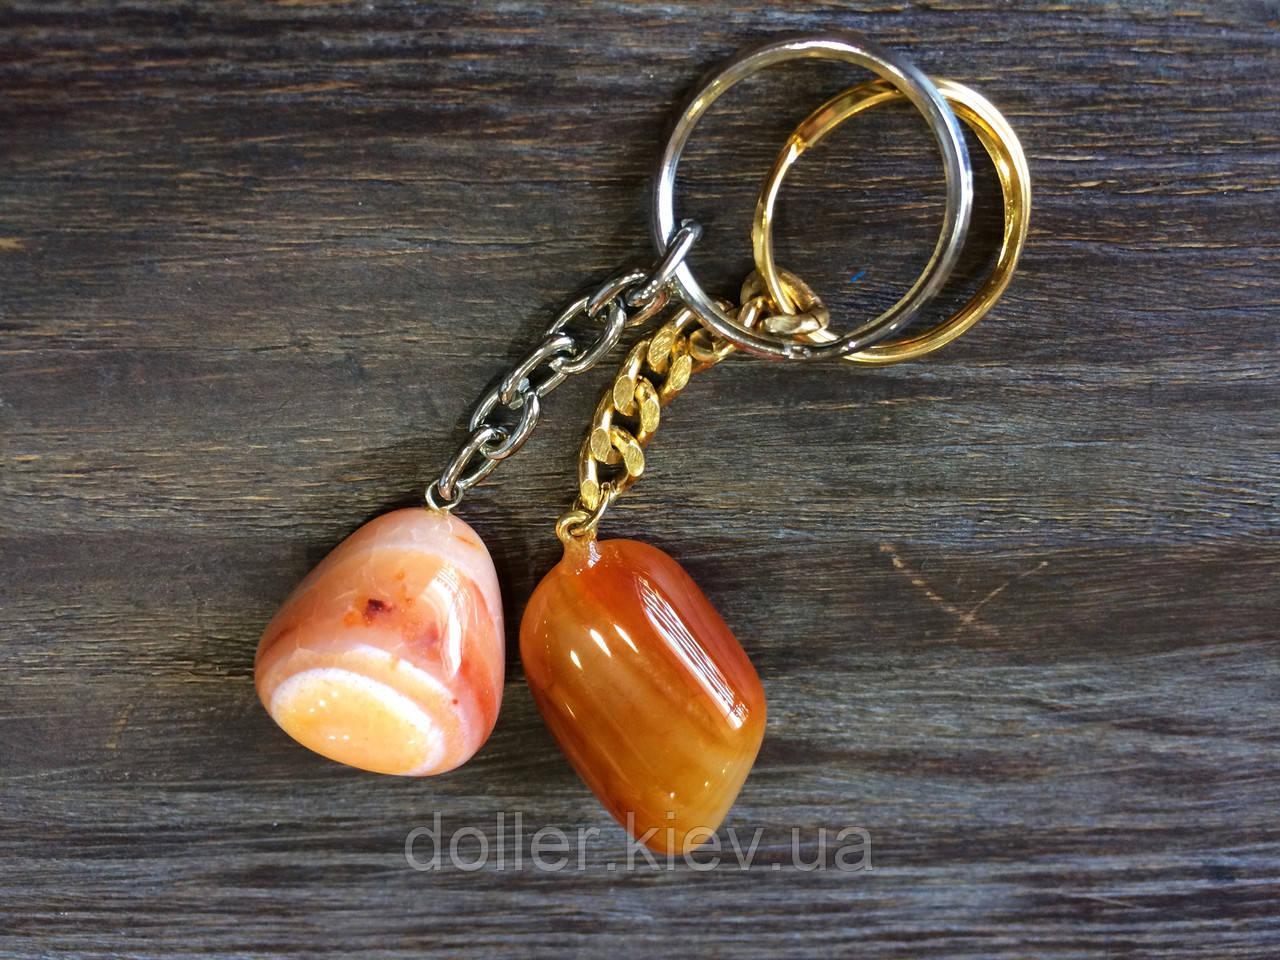 Брелок для ключей с сердоликом